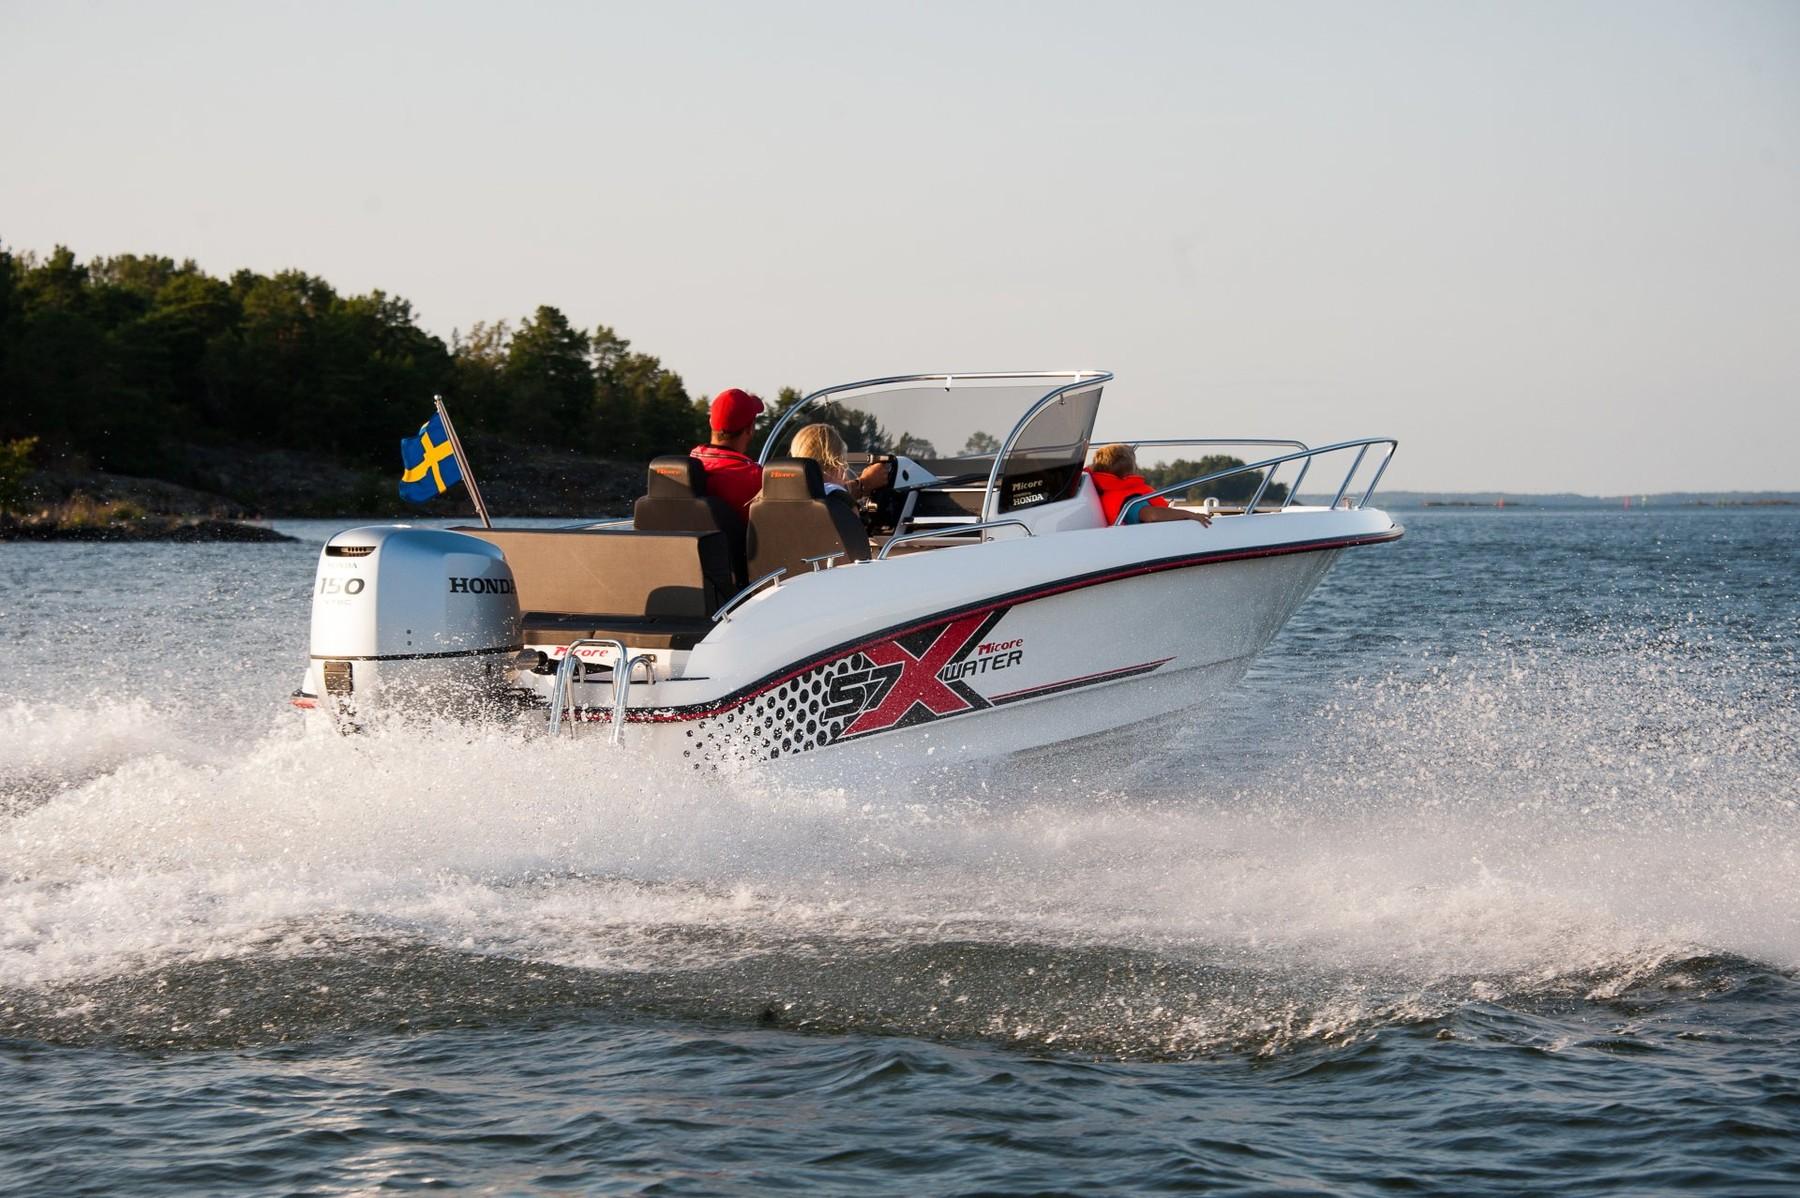 Micore Svensk topkvalitet XW 48 cc fra kr 69.900